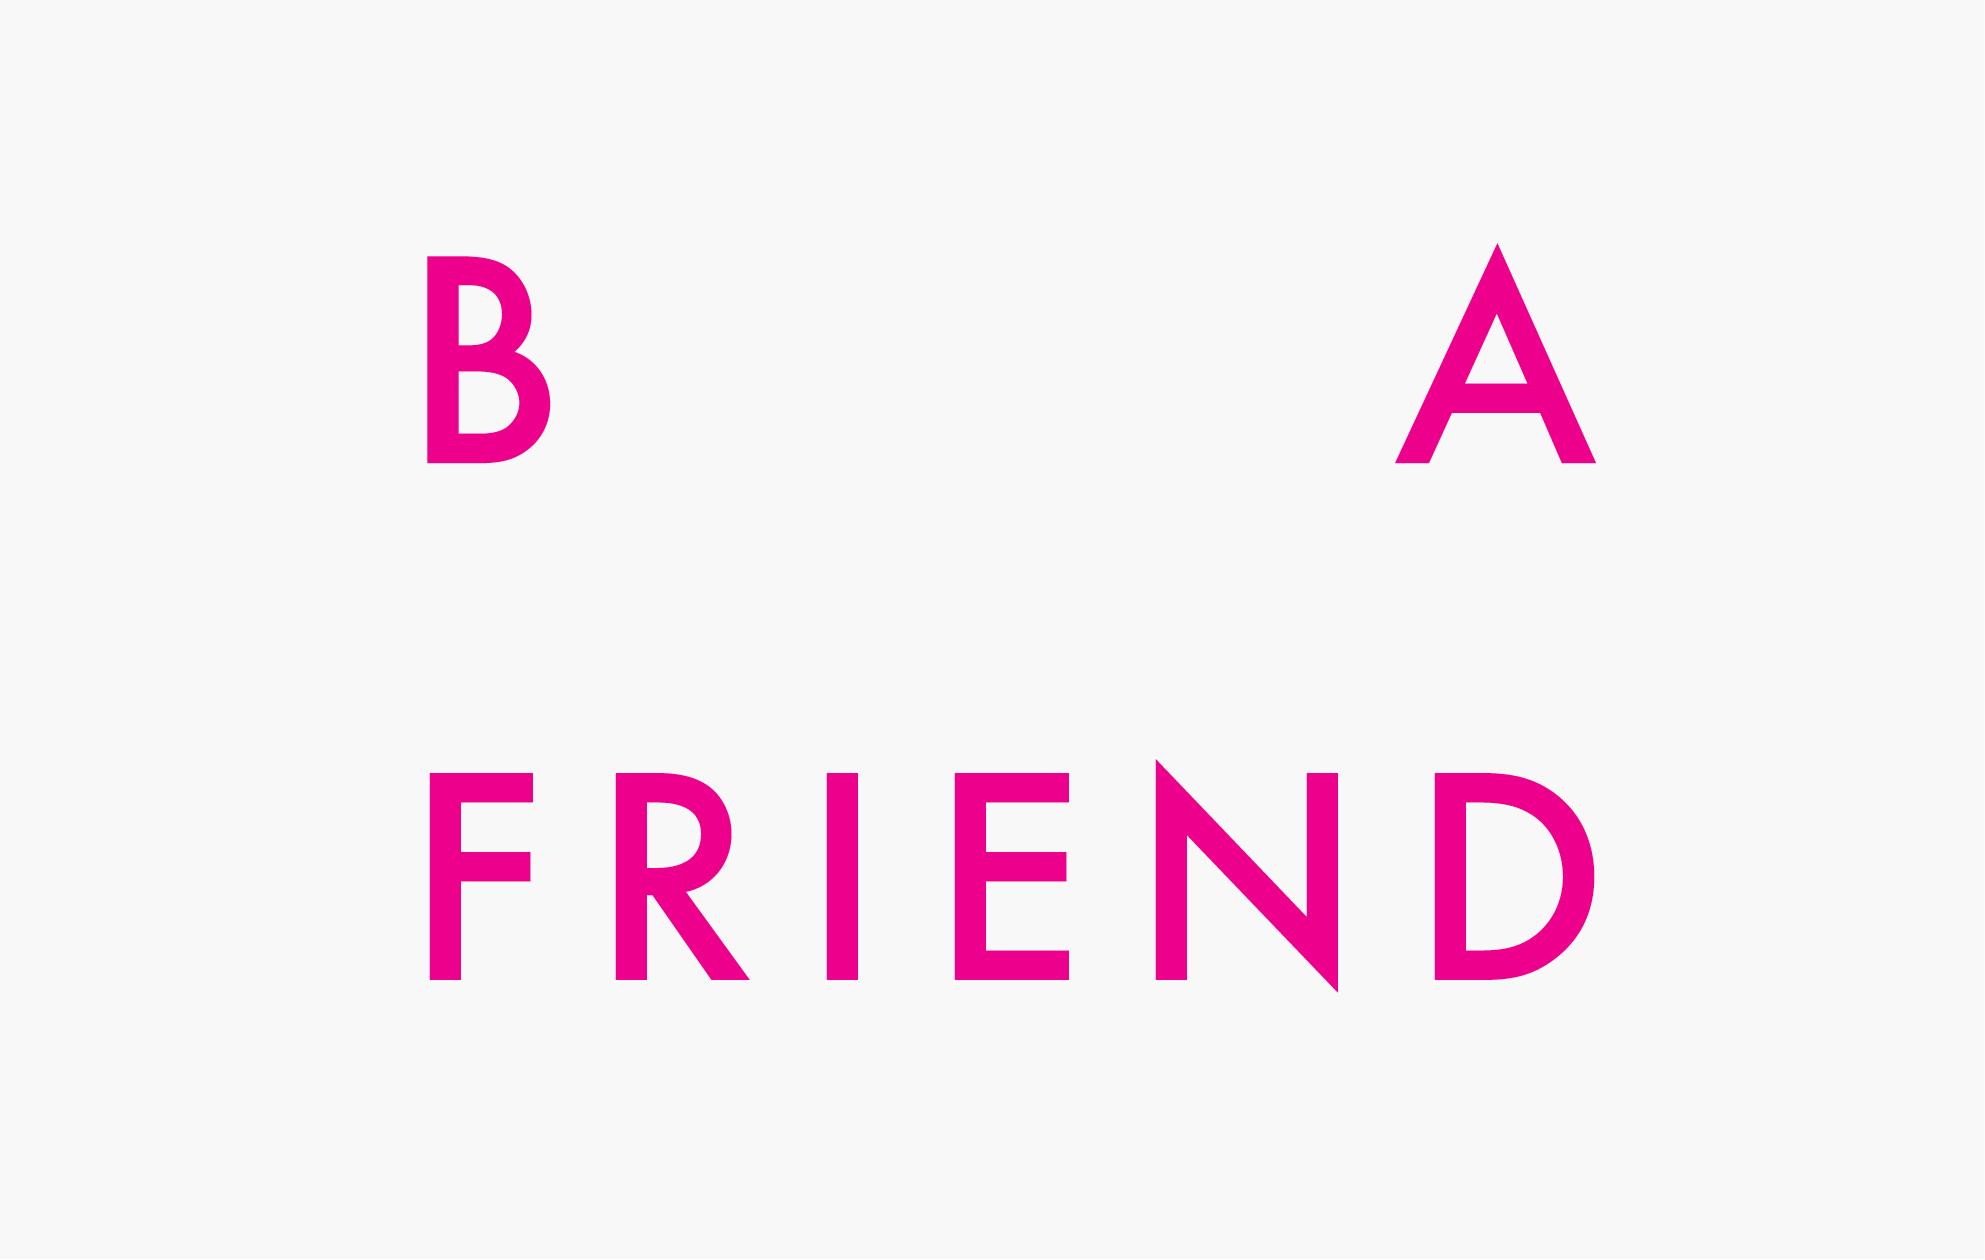 B A FRIEND